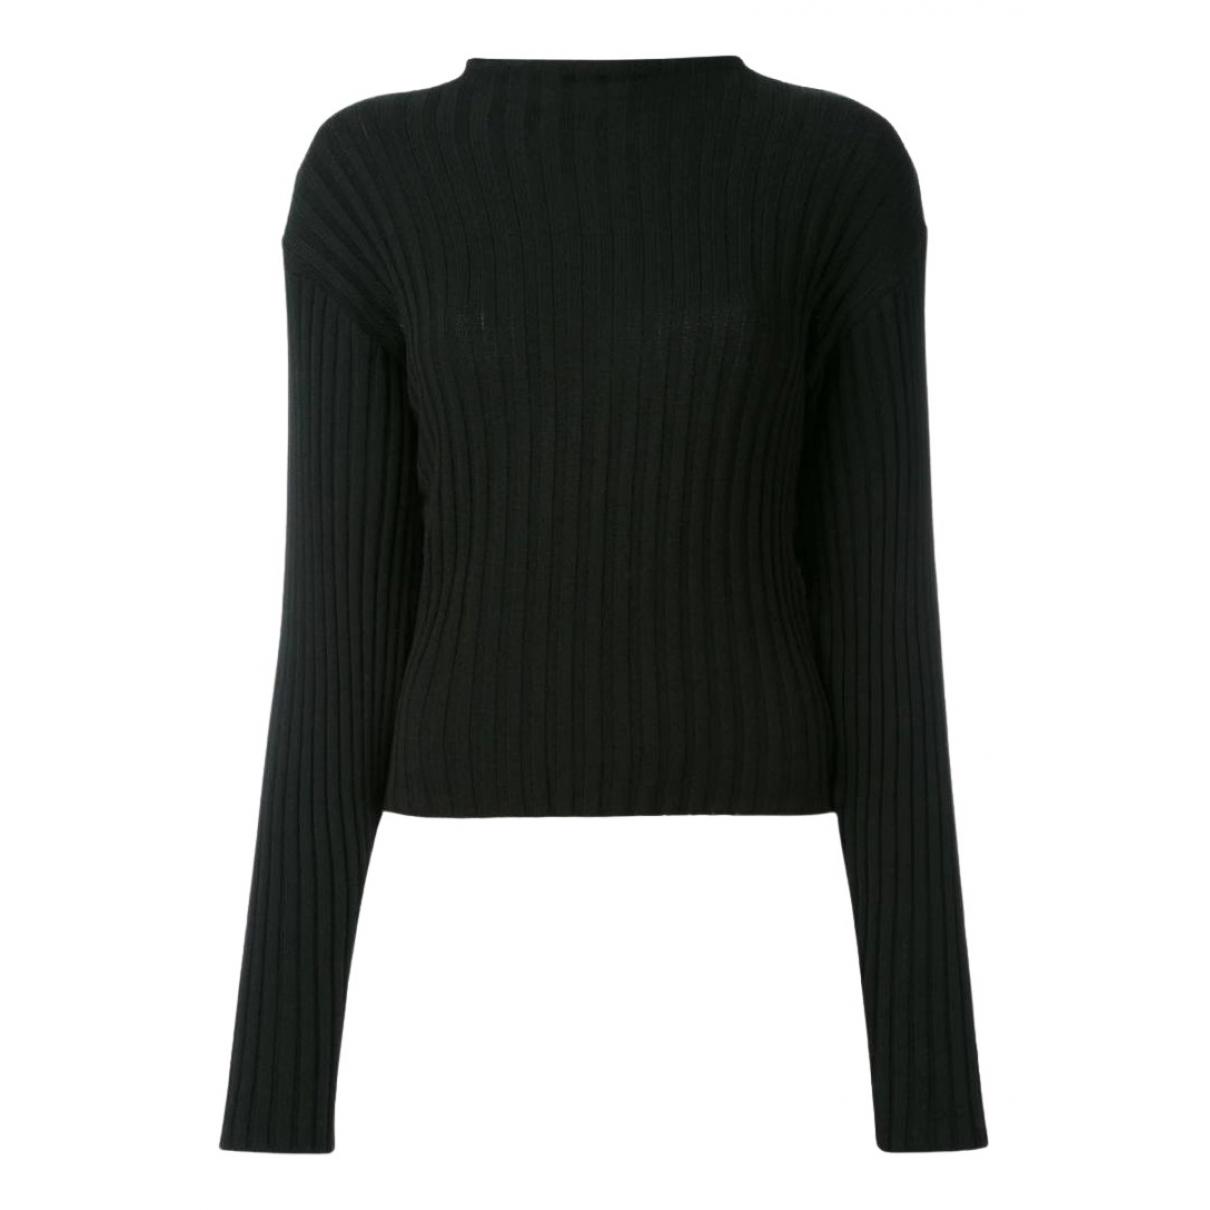 Dolce & Gabbana N Black Cotton Knitwear for Women 48 IT